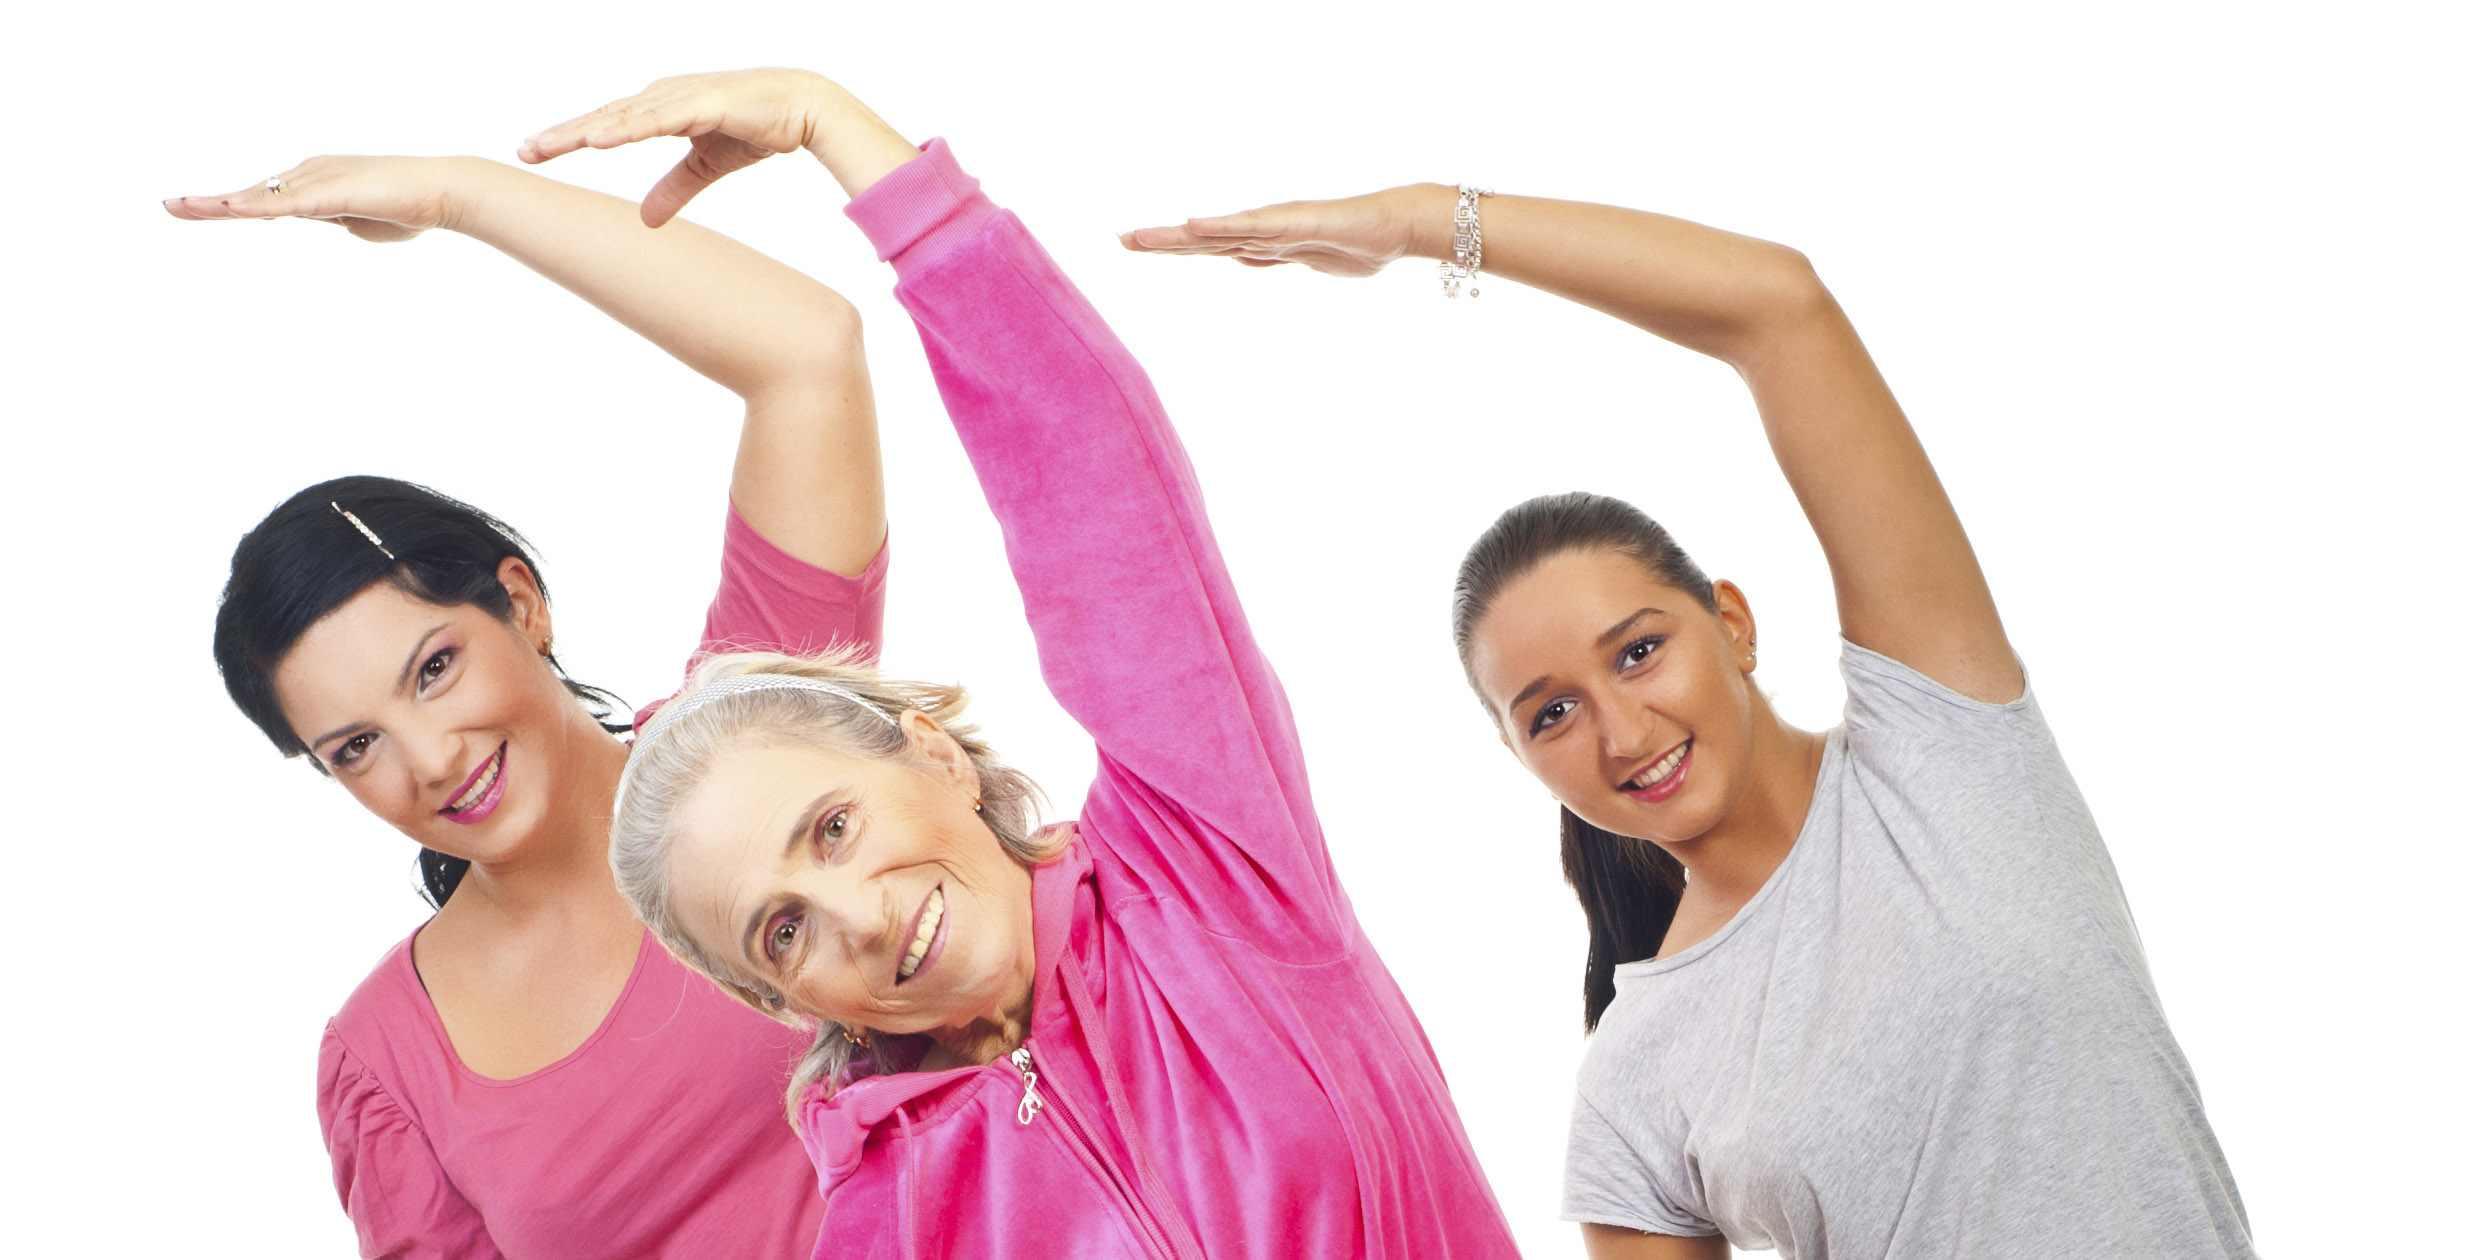 Thường xuyên tập thể dục sẽ làm giảm nguy cơ ung thư vú.